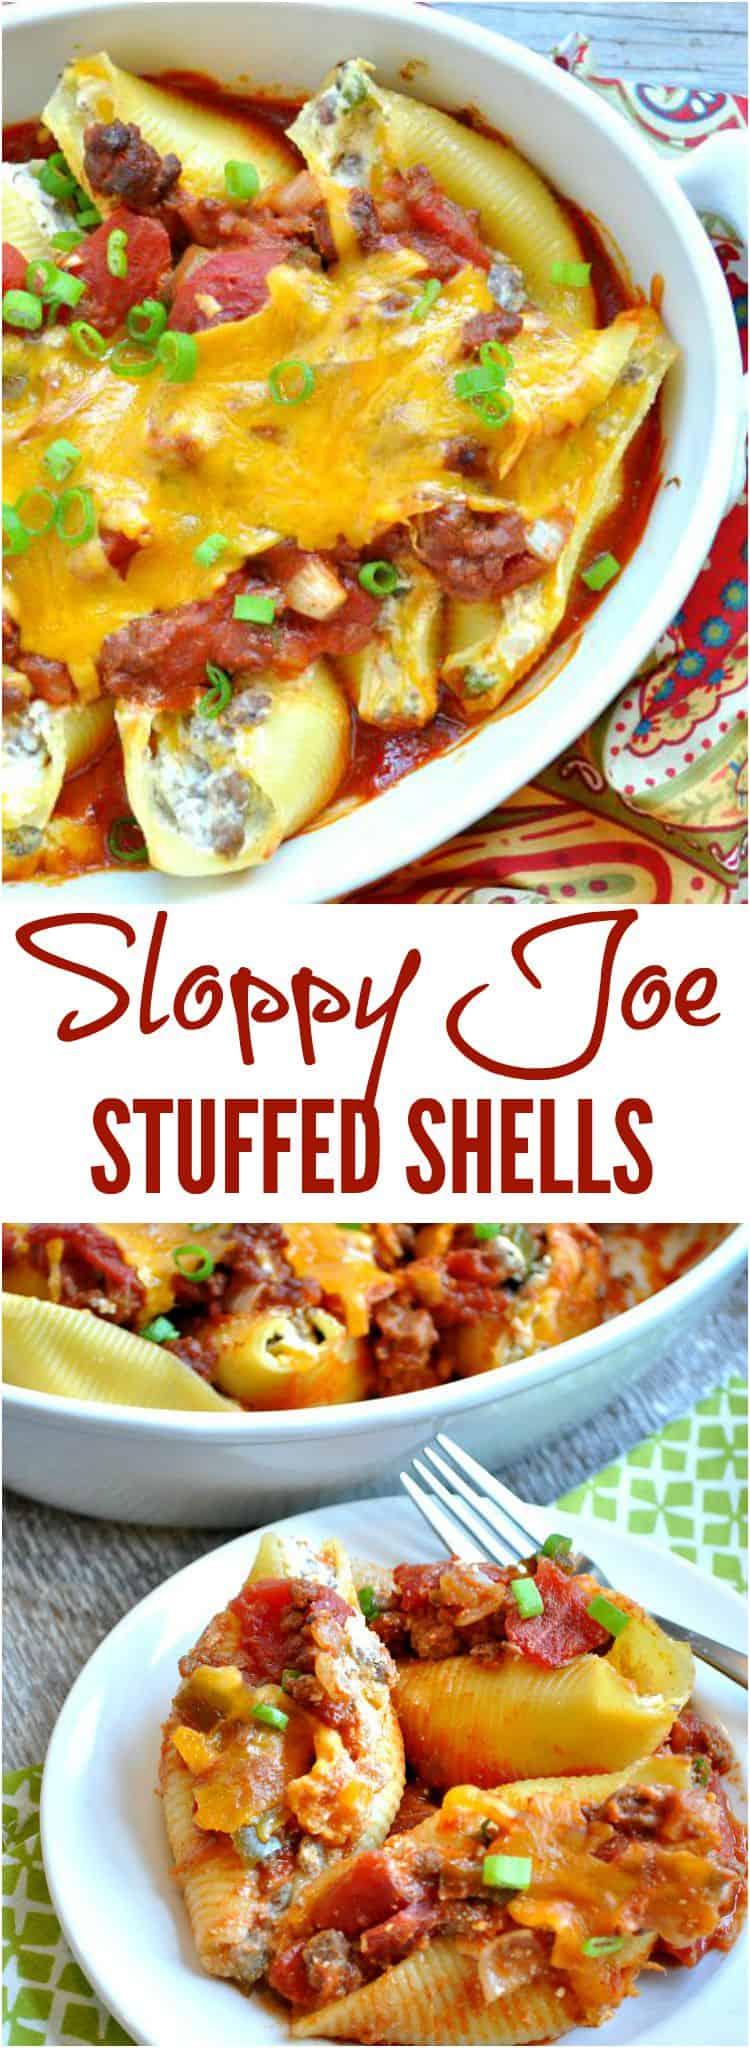 Sloppy Joe Stuffed Shells